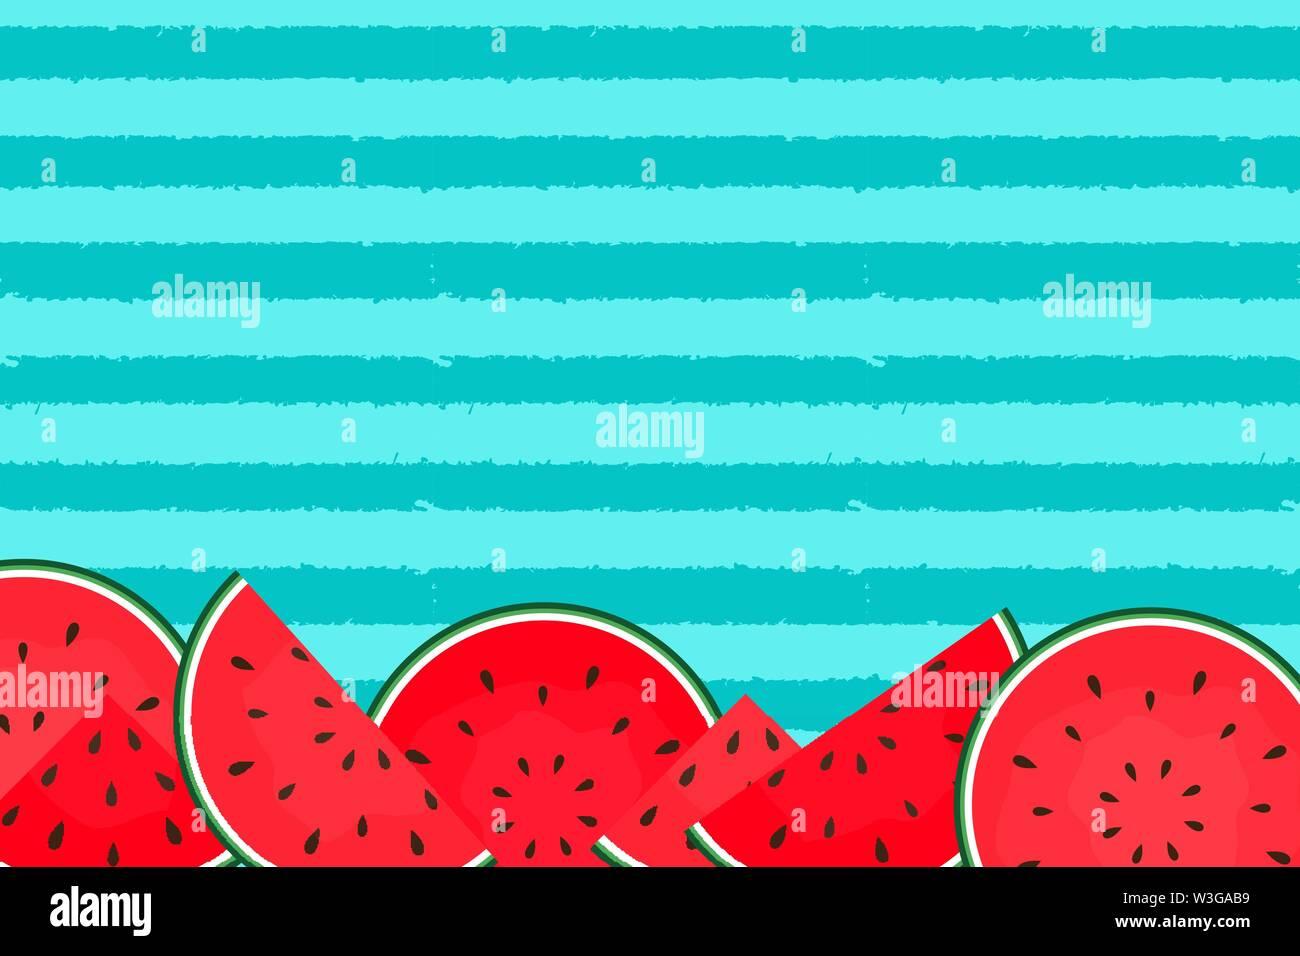 Résumé Contexte L'été avec la pastèque. Vector Illustration Photo Stock